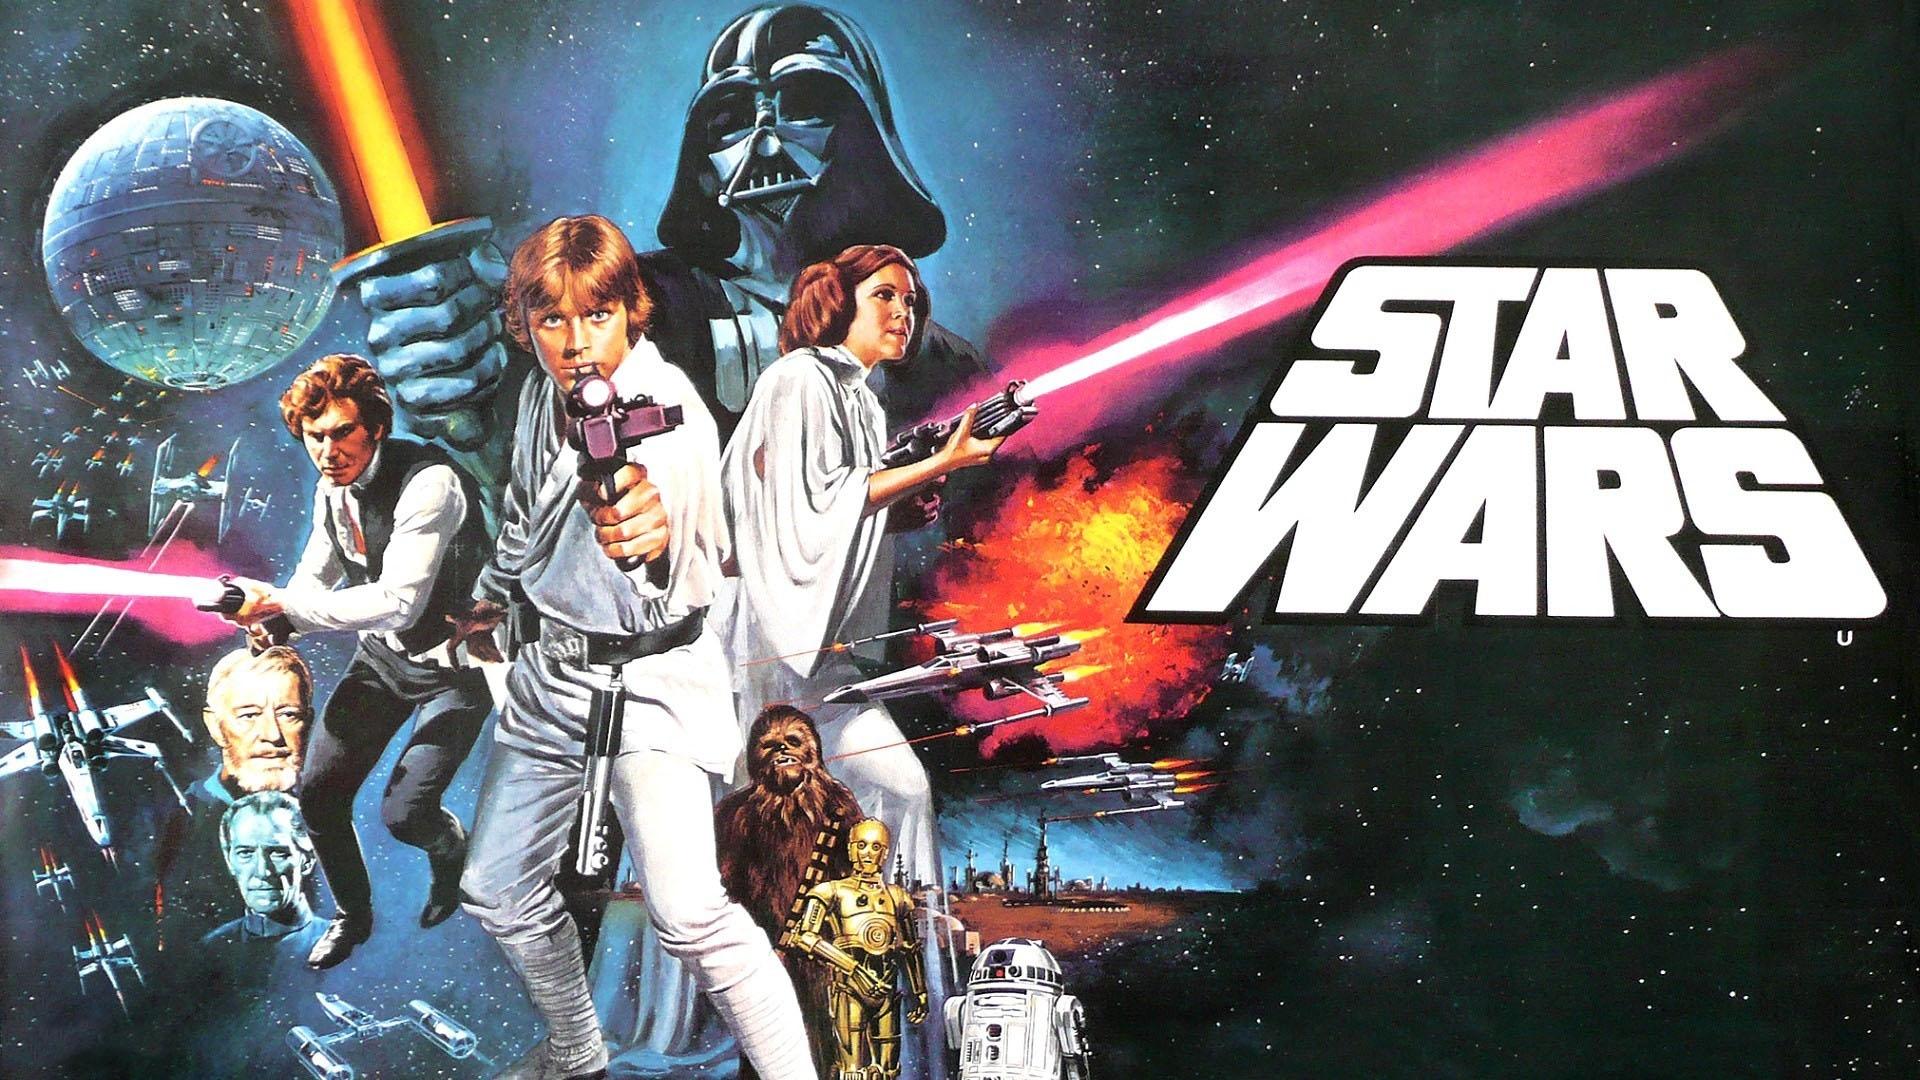 star wars full hd fond d'écran and arrière-plan | 1920x1080 | id:613328